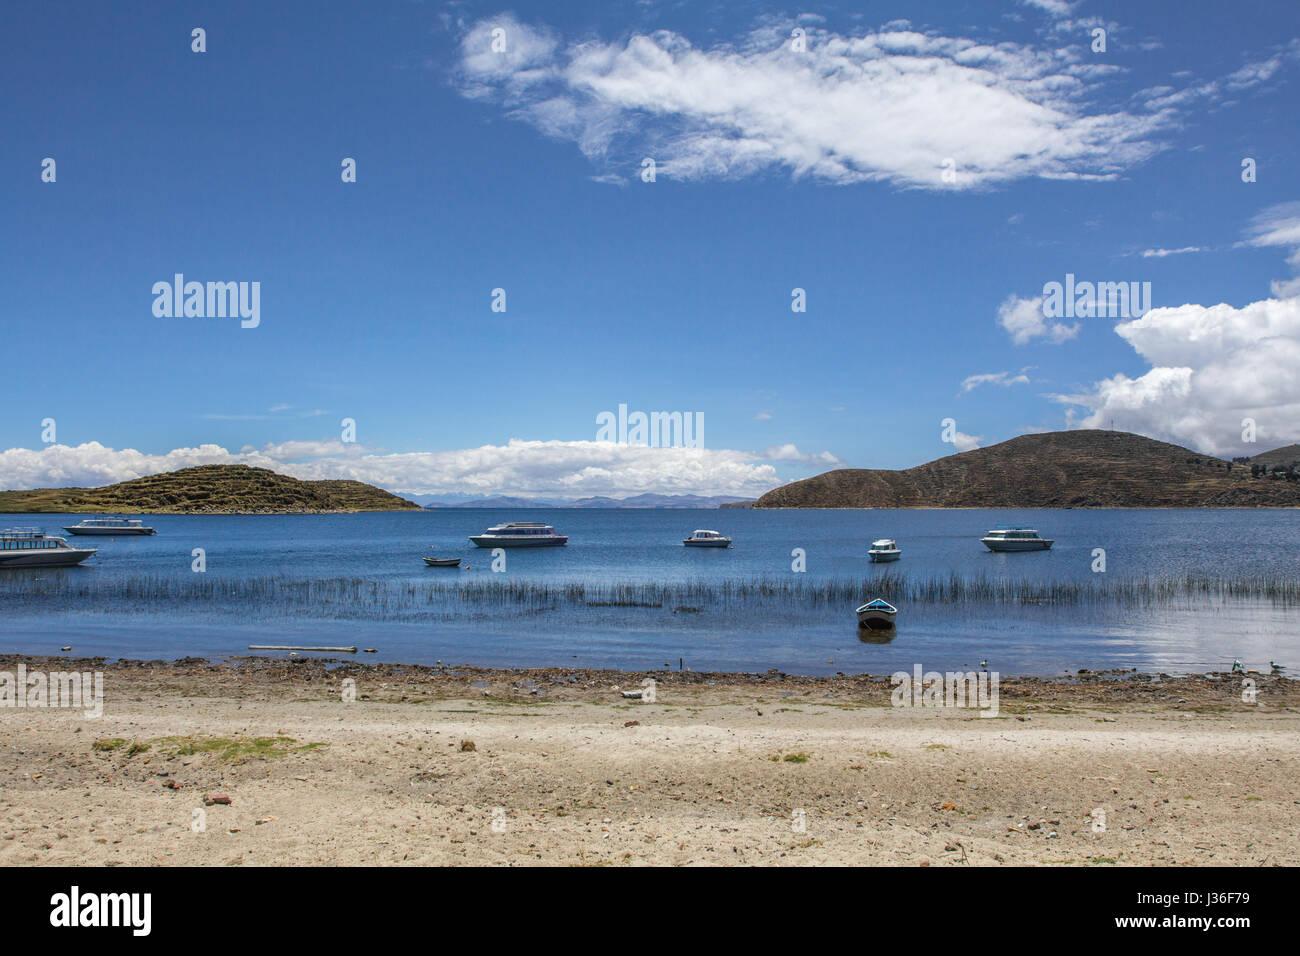 Con vista al lago y a los barcos. Carretera y viaje en barco a la Isla del Sol, Isla del Sol, ubicada en el Lago Imagen De Stock